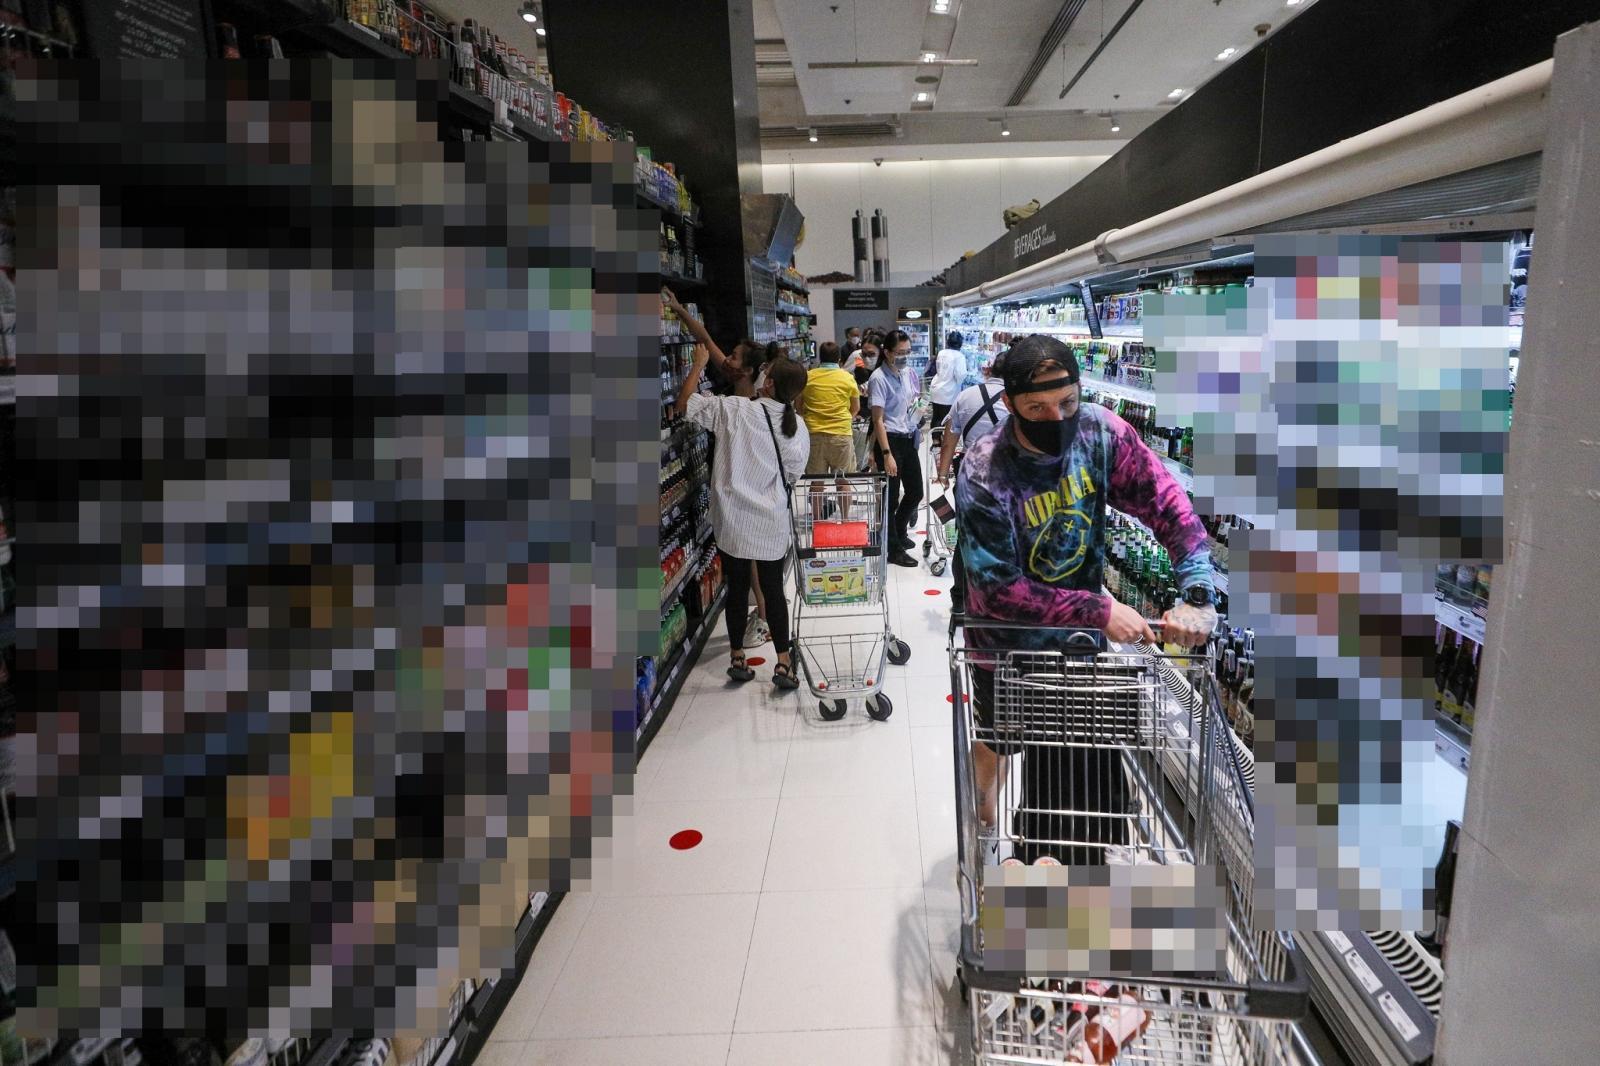 ปชช.ยื้อแย่งซื้อ เหล้า-เบียร์ หลังเปิดขายวันแรก ไม่สนคำเตือนพนง.ห้างฯ